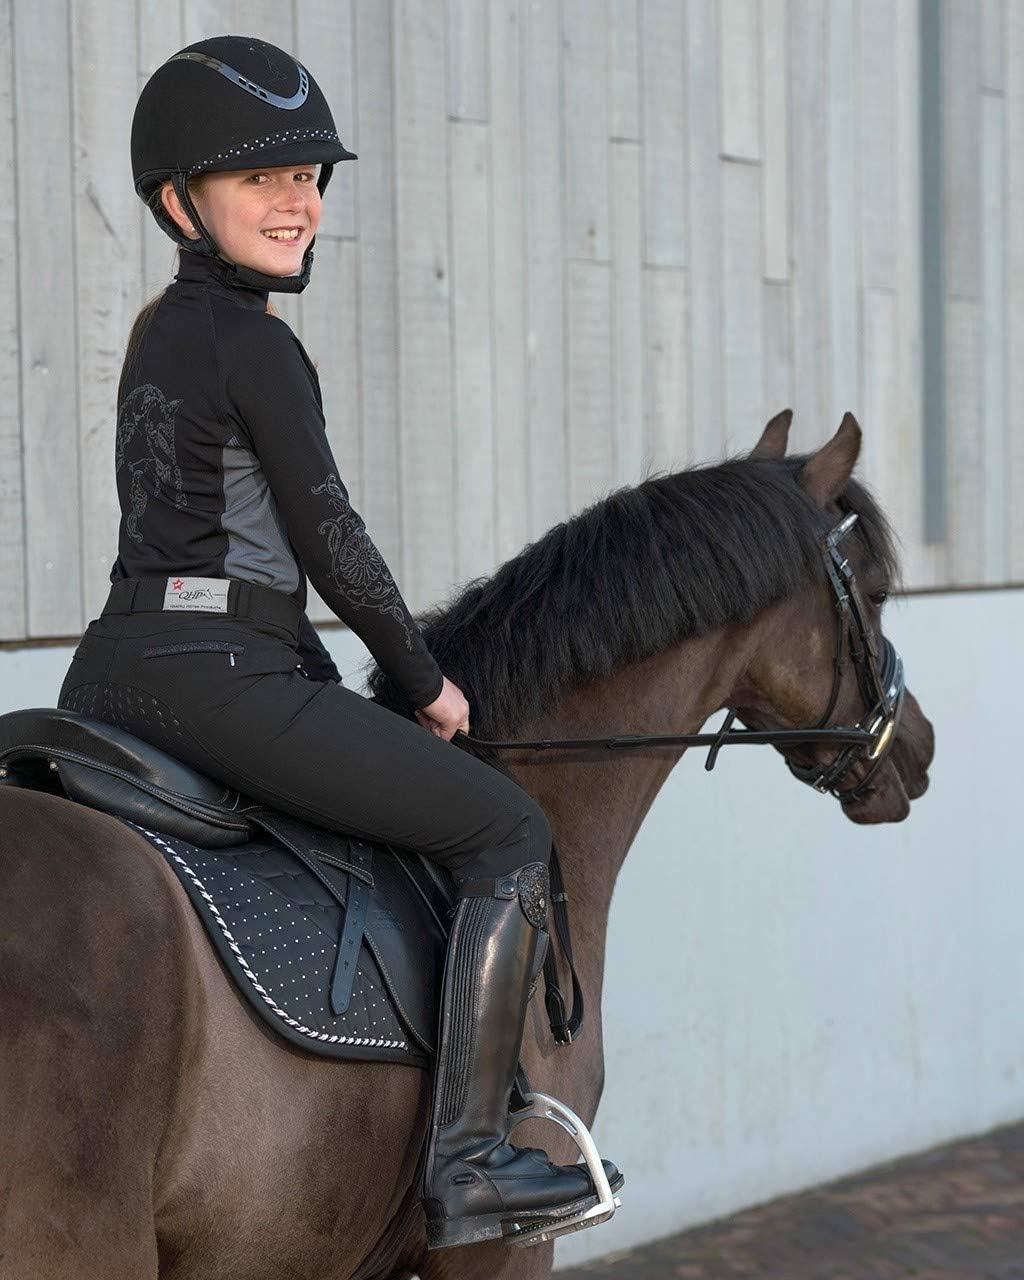 Pantalones de equitaci/ón para ni/ño QHP Mellany Agarre Completo, con Banda de Purpurina Delantera y Trasera